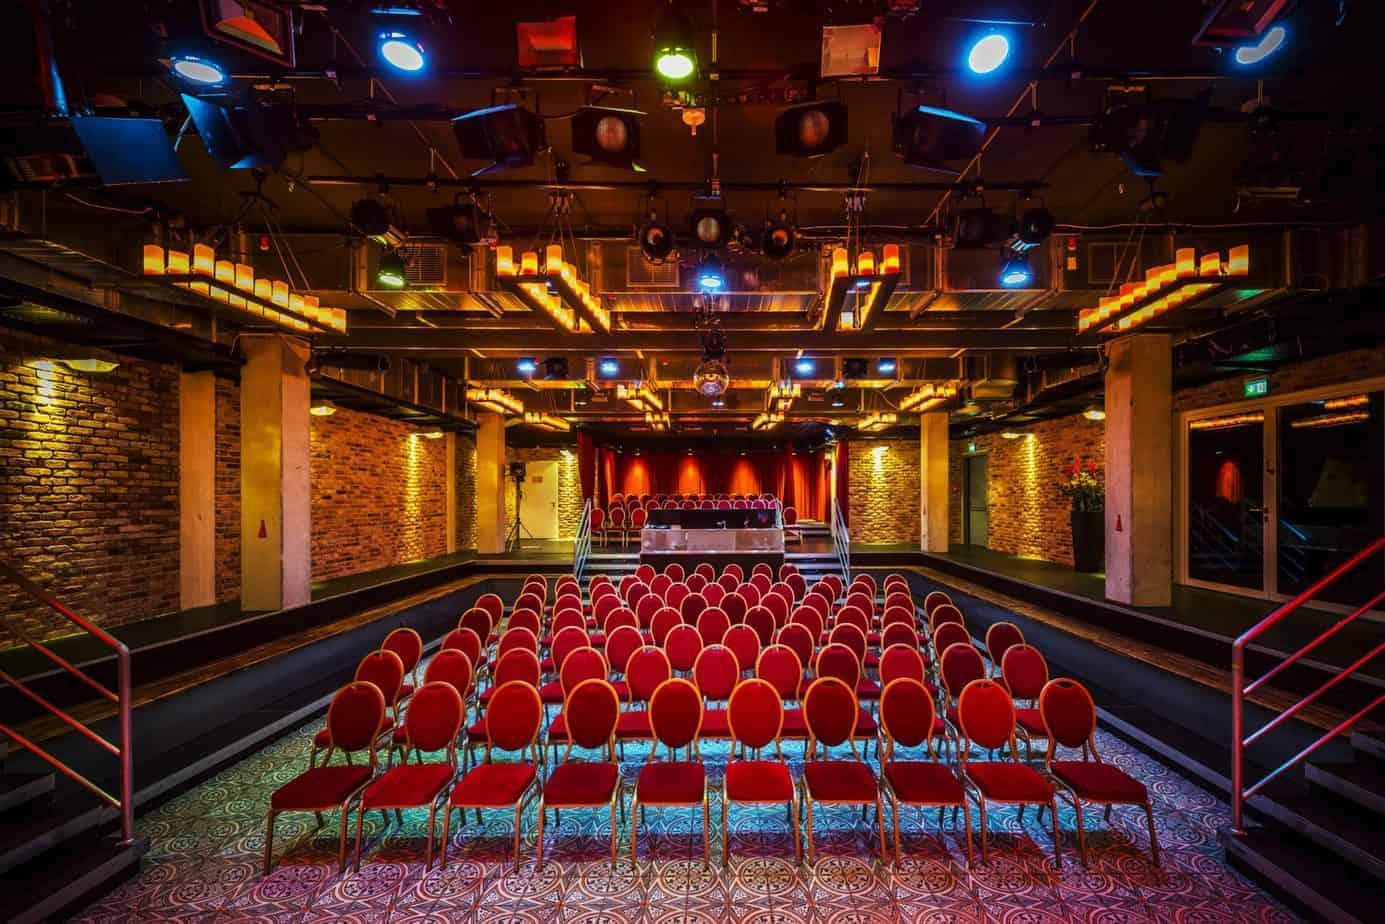 Schmidtchen Theater im Klubhaus Hamburg, Foto: Ingo Boelter